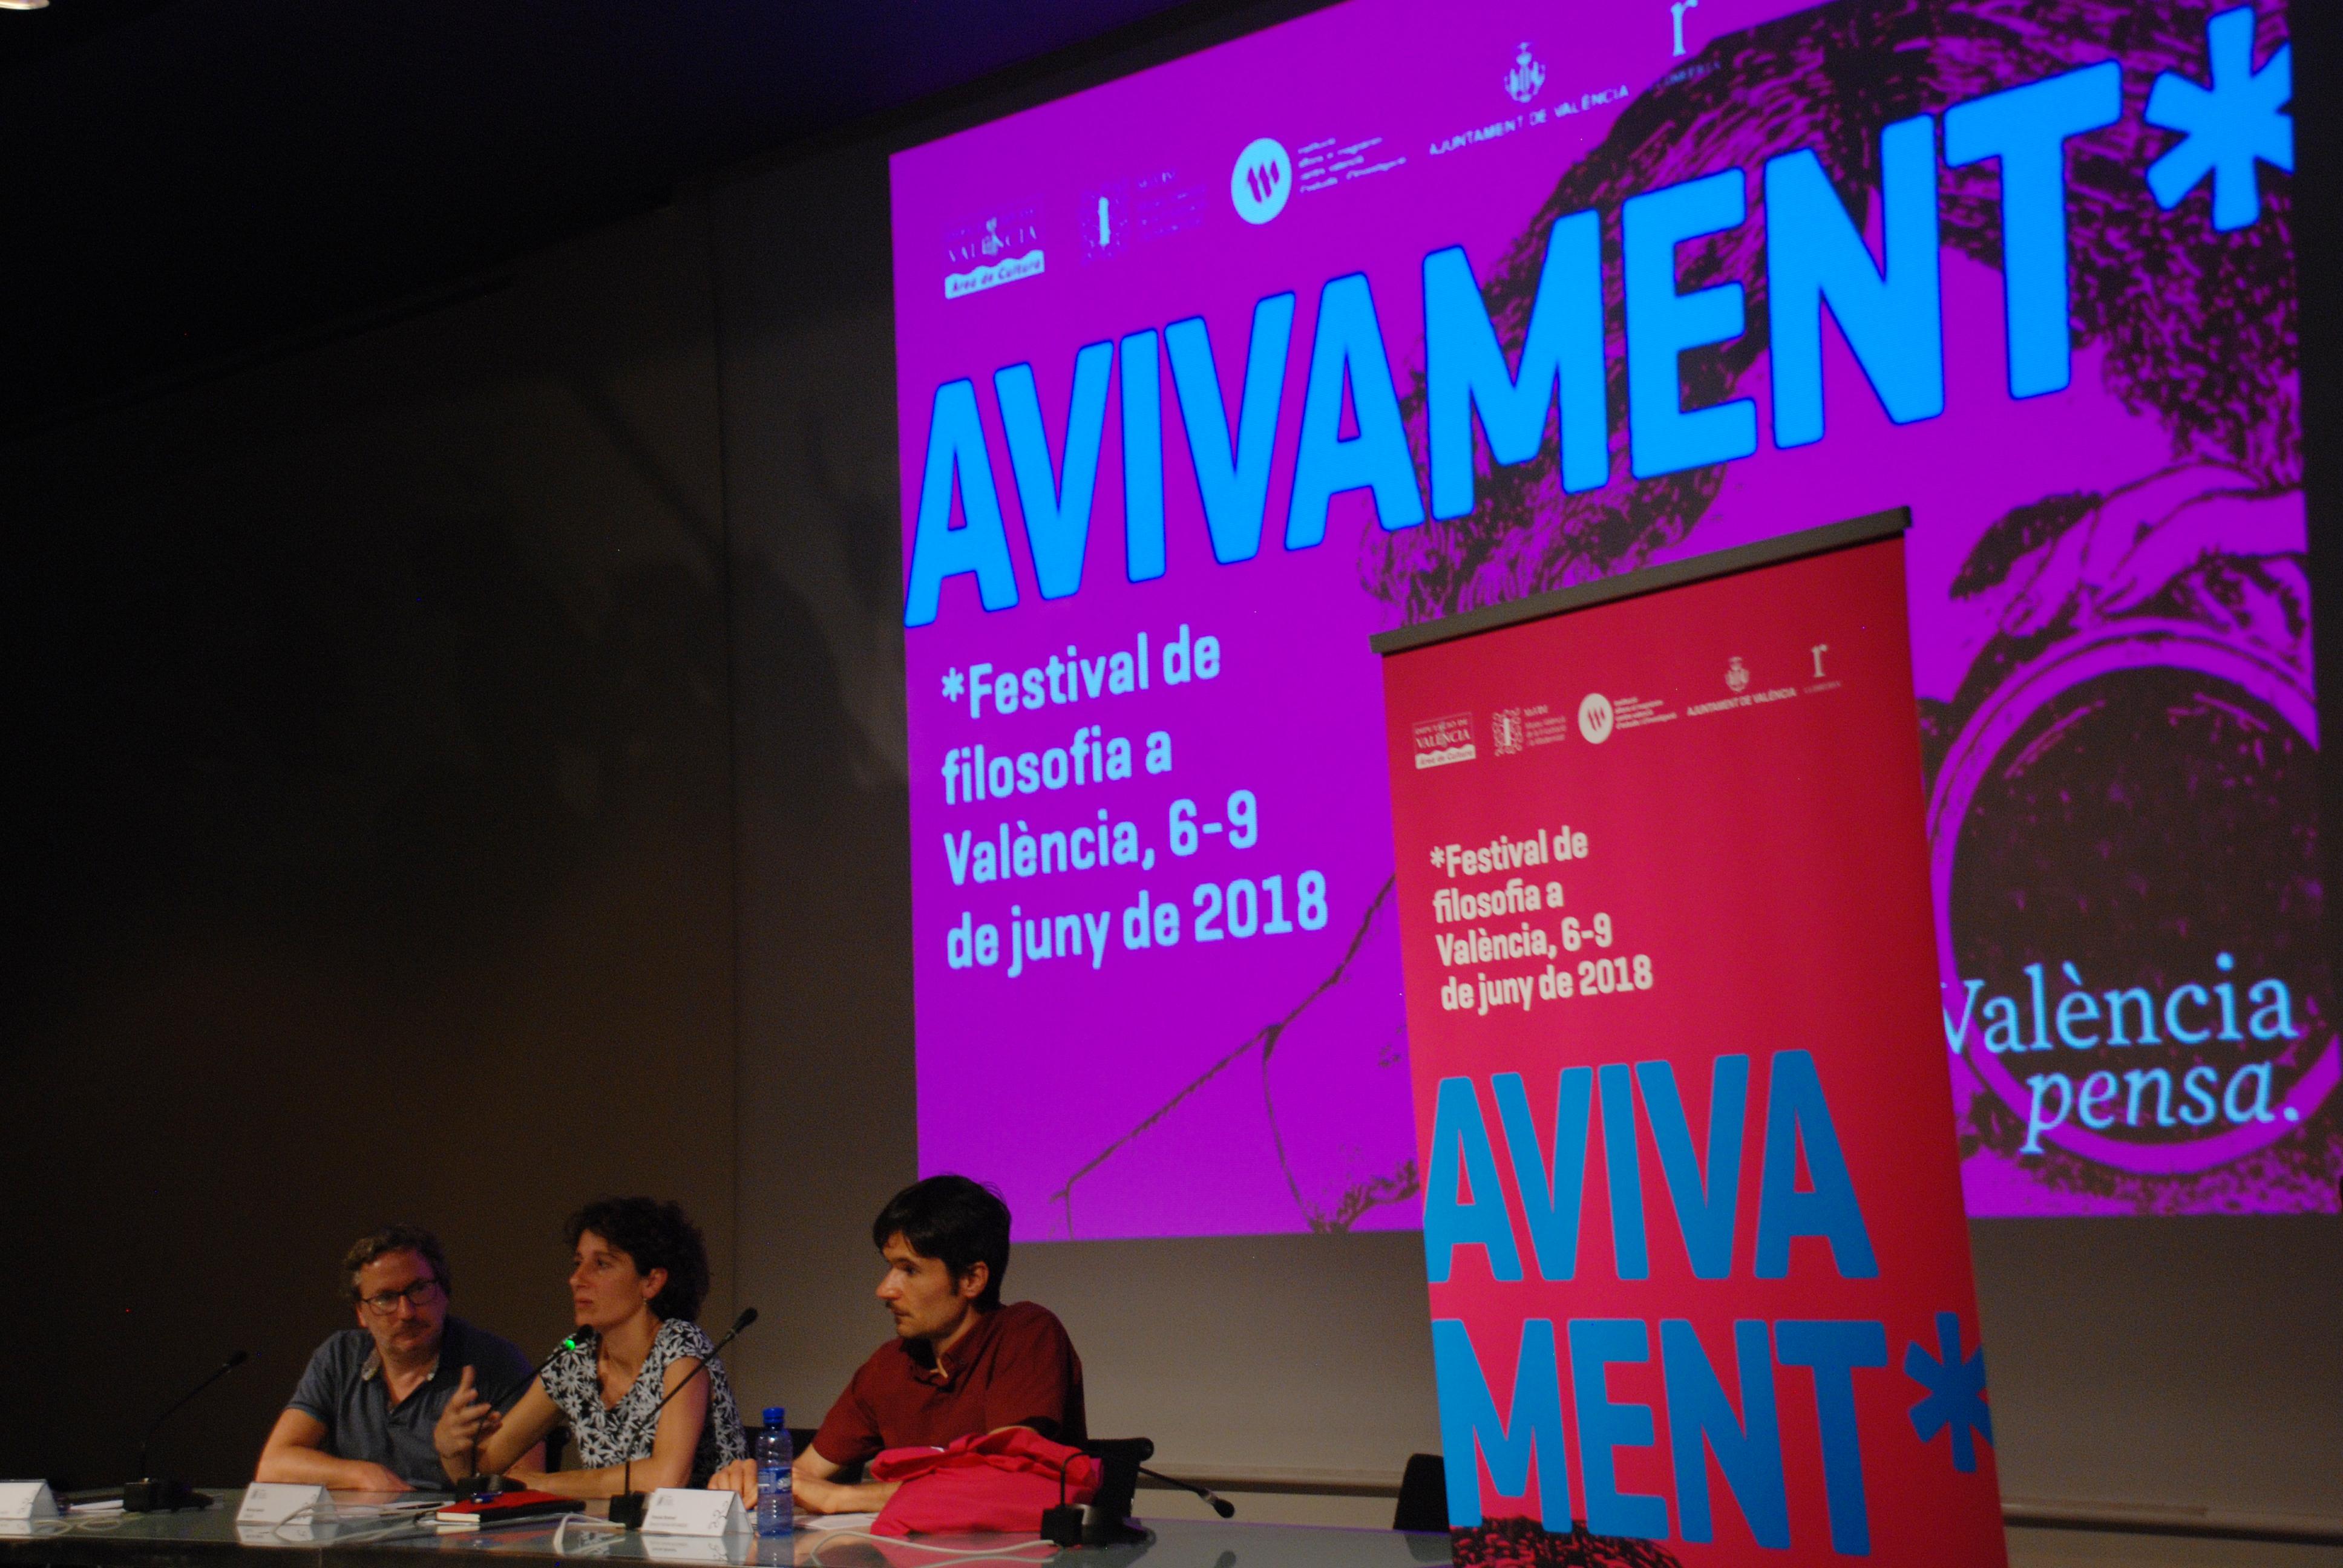 Fotos ponencia inaugural de Marina Garcés | 7 juny 2018 al MuVIM #Avivament2018